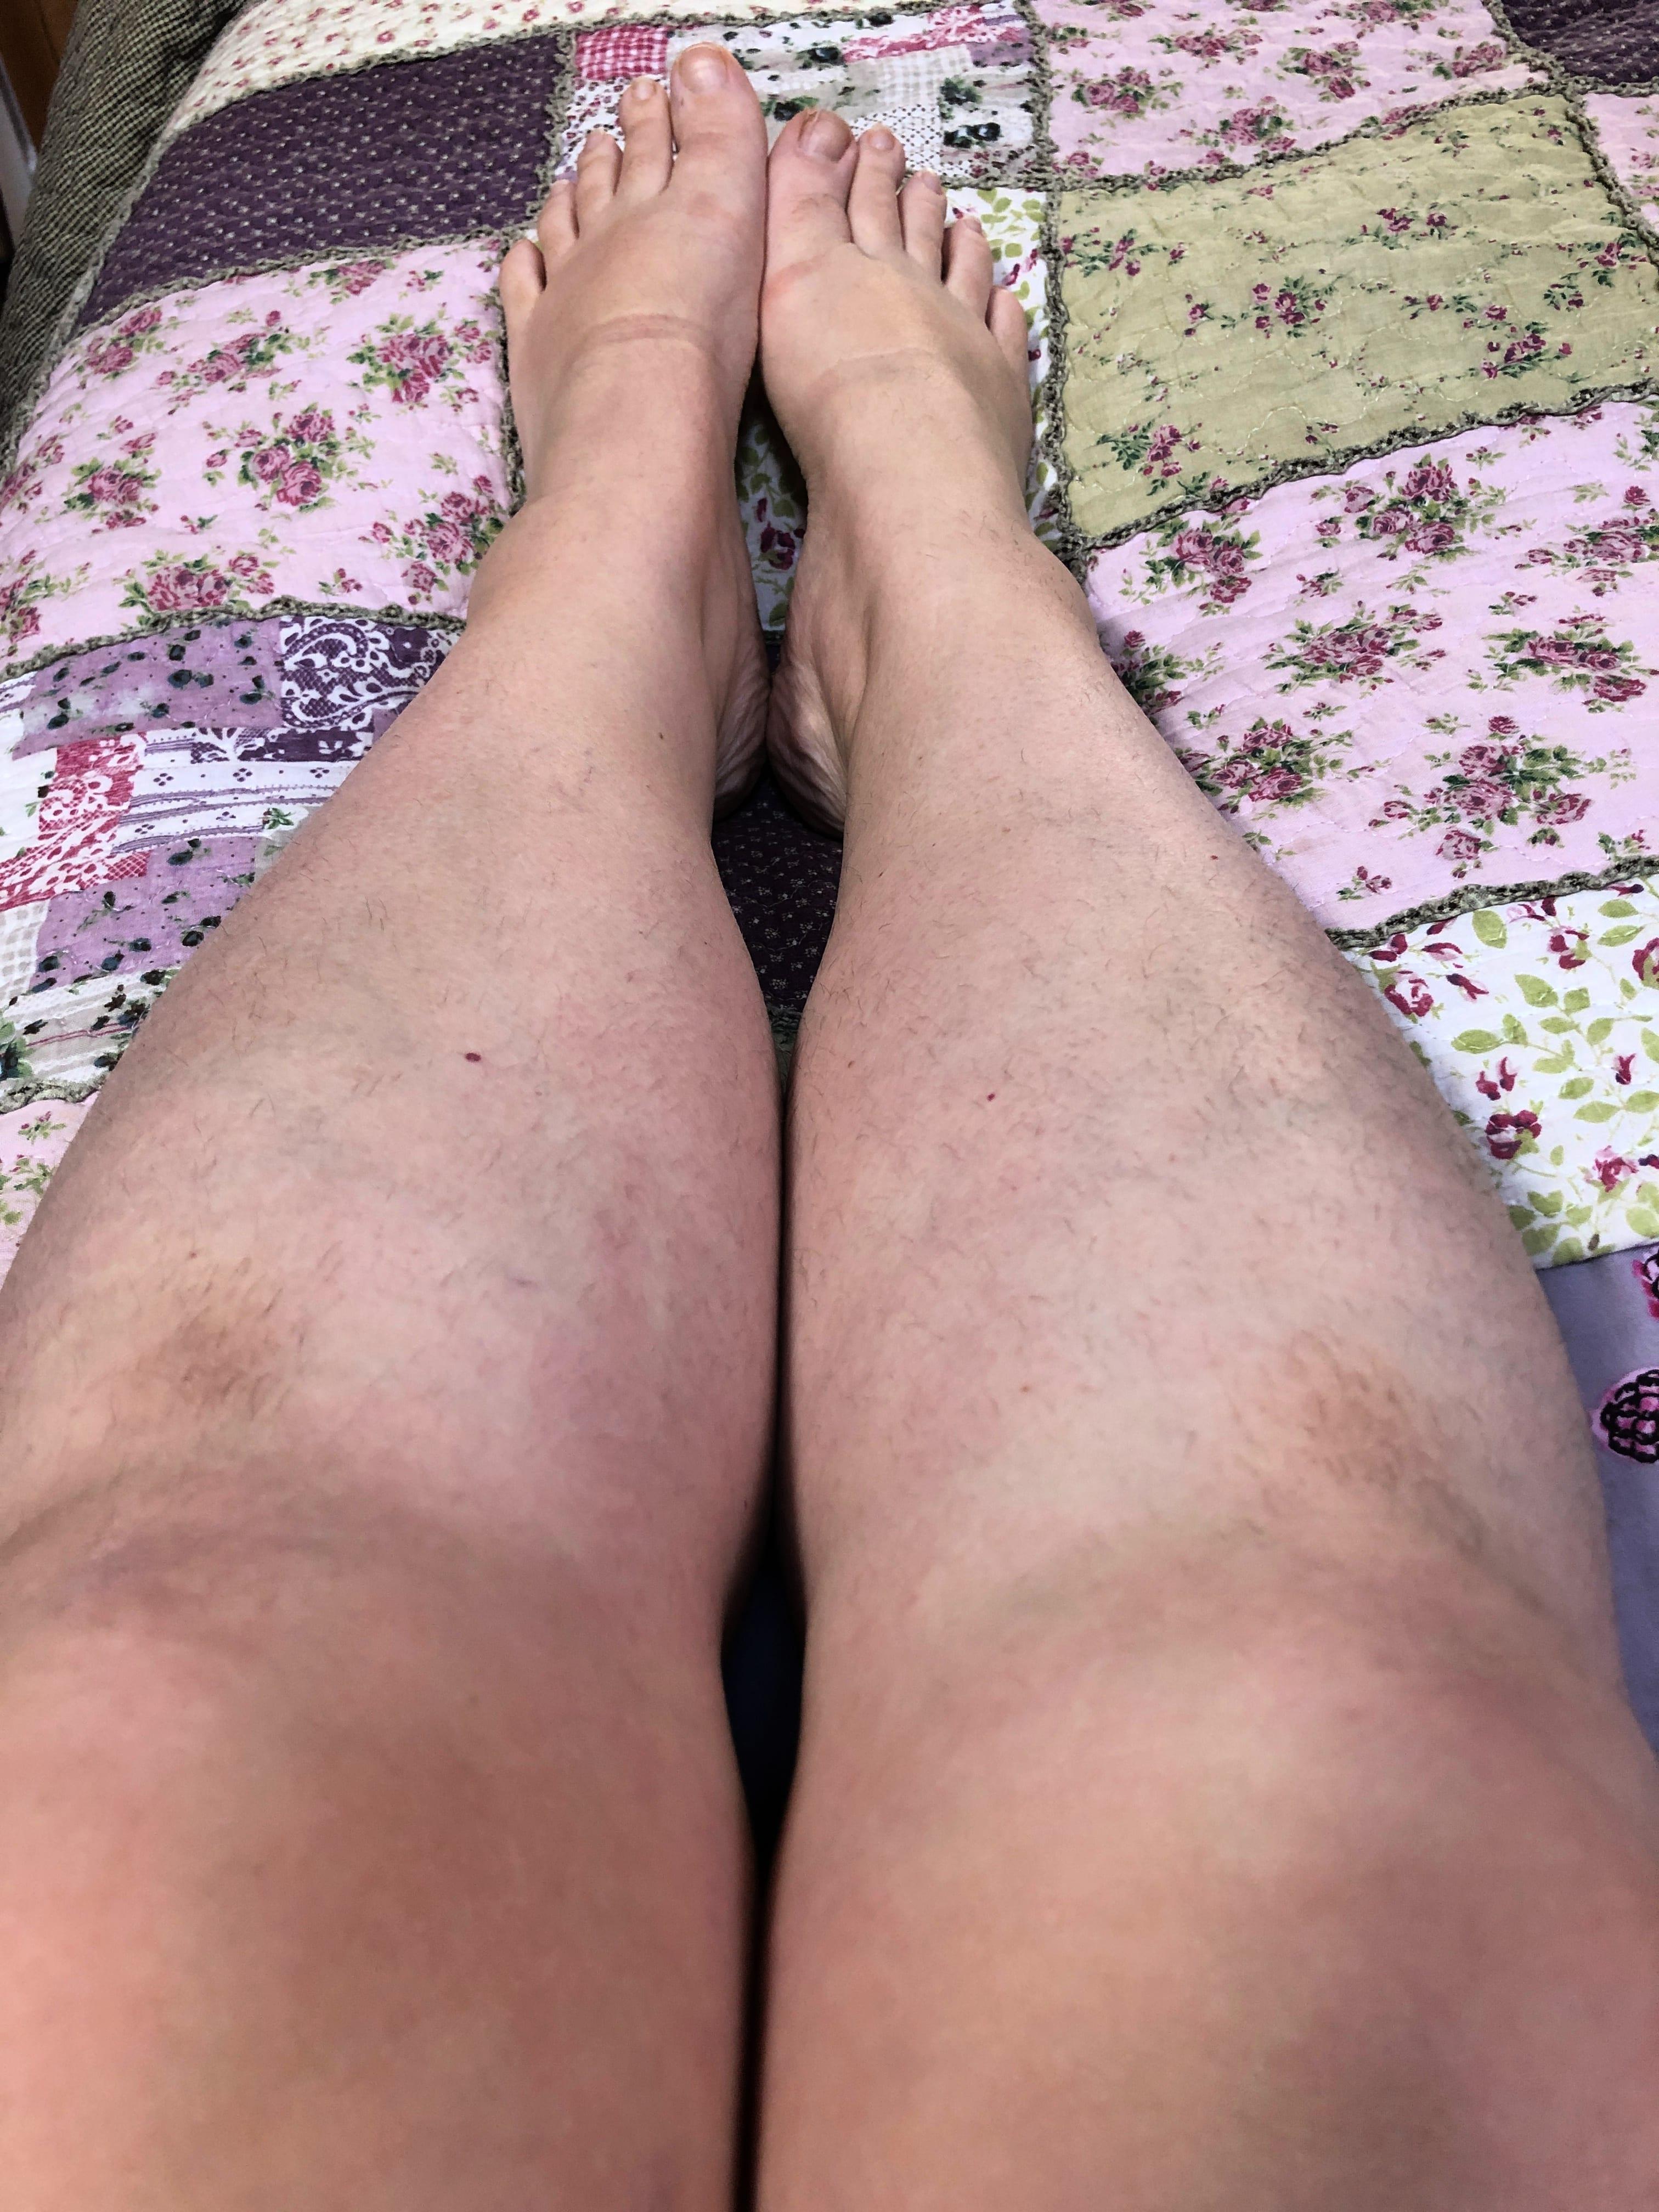 Legs March 2019